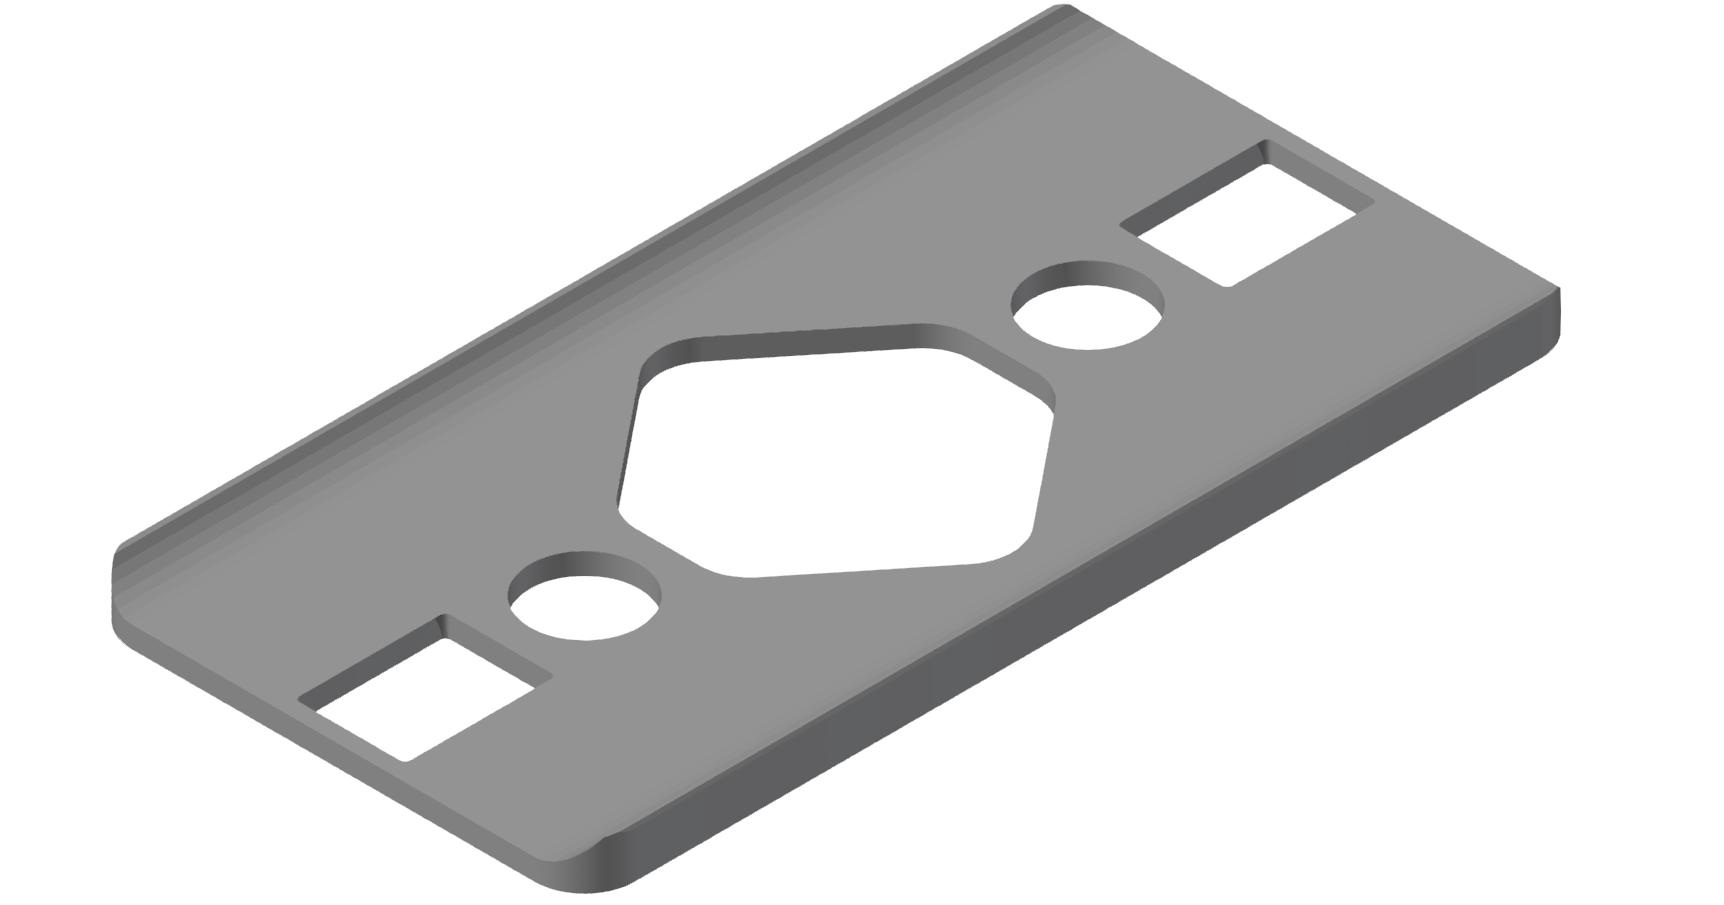 Radien-Dichtung 6 60x30 R60, grau